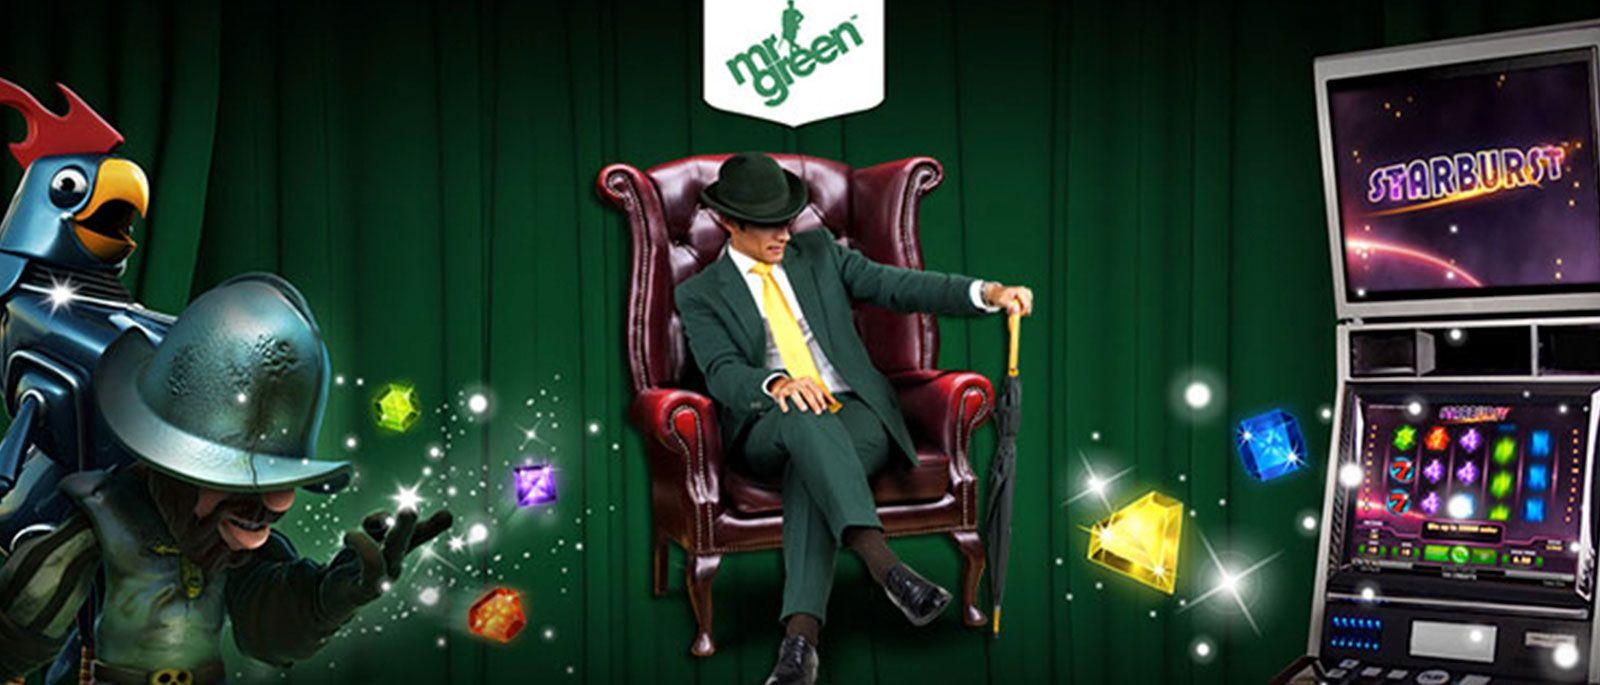 Gratis gokken - http://megabonuscasino.nl/gratis-gokken/ #GokkastenGratisSpelen, #GokkenGratis, #GratisGokken